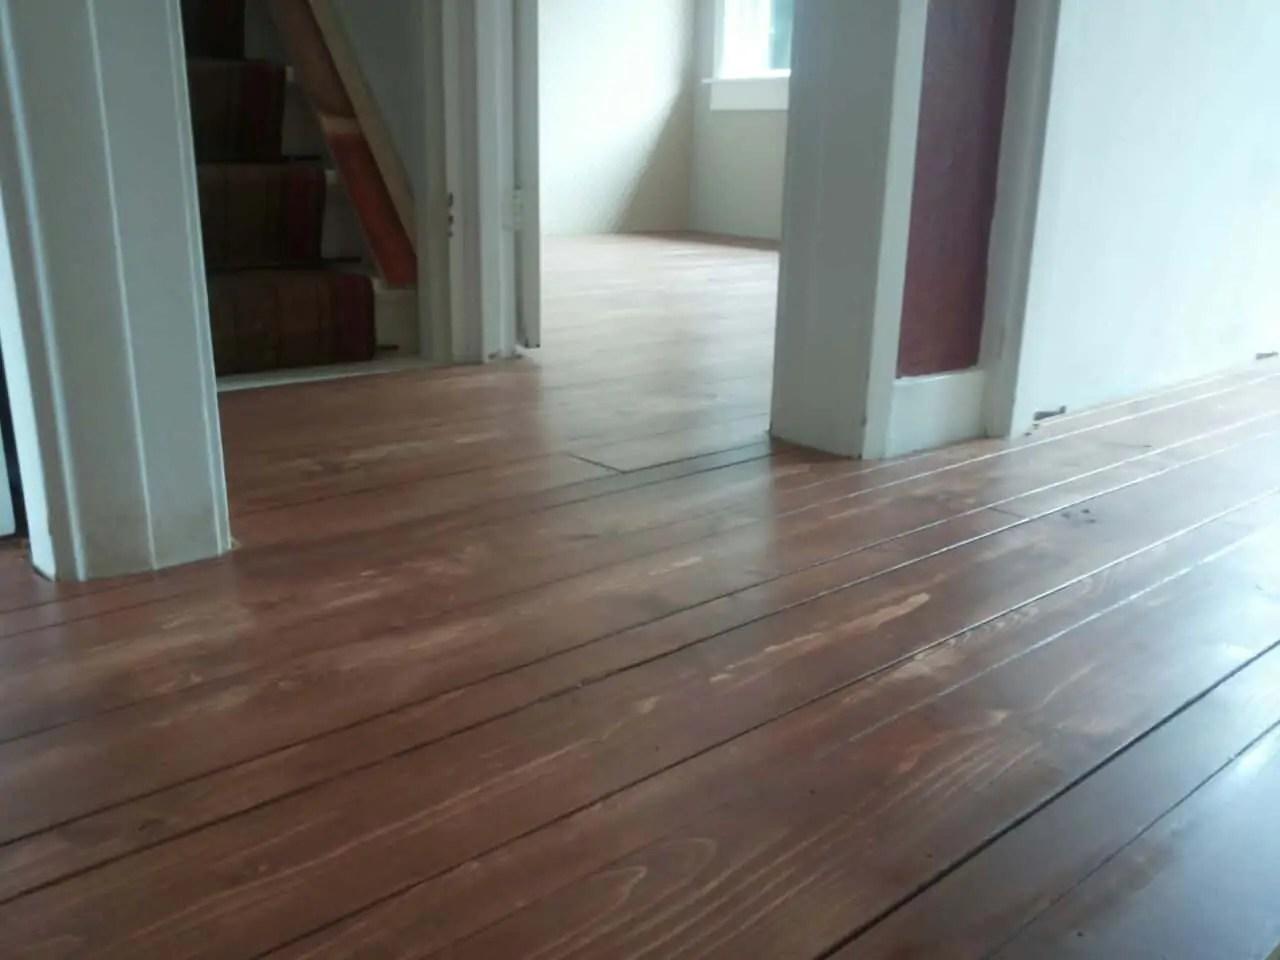 Matte vloerlak topp gemakkelijk vloer lakken met matte eco vloerlak